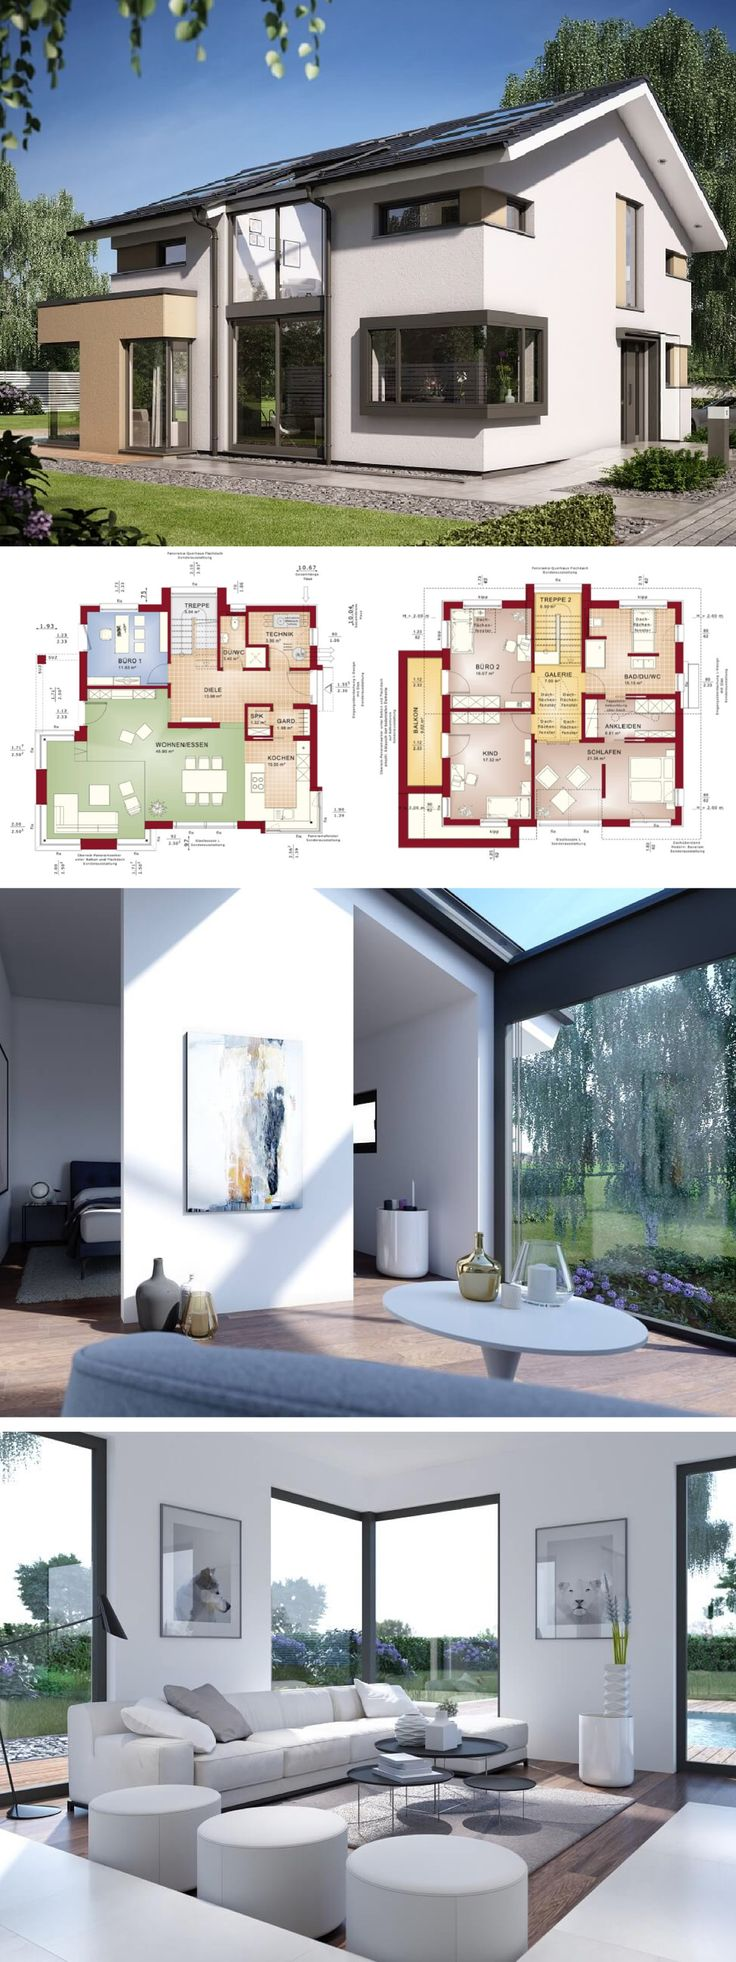 Einfamilienhaus Neubau modern mit Galerie & Sattel…